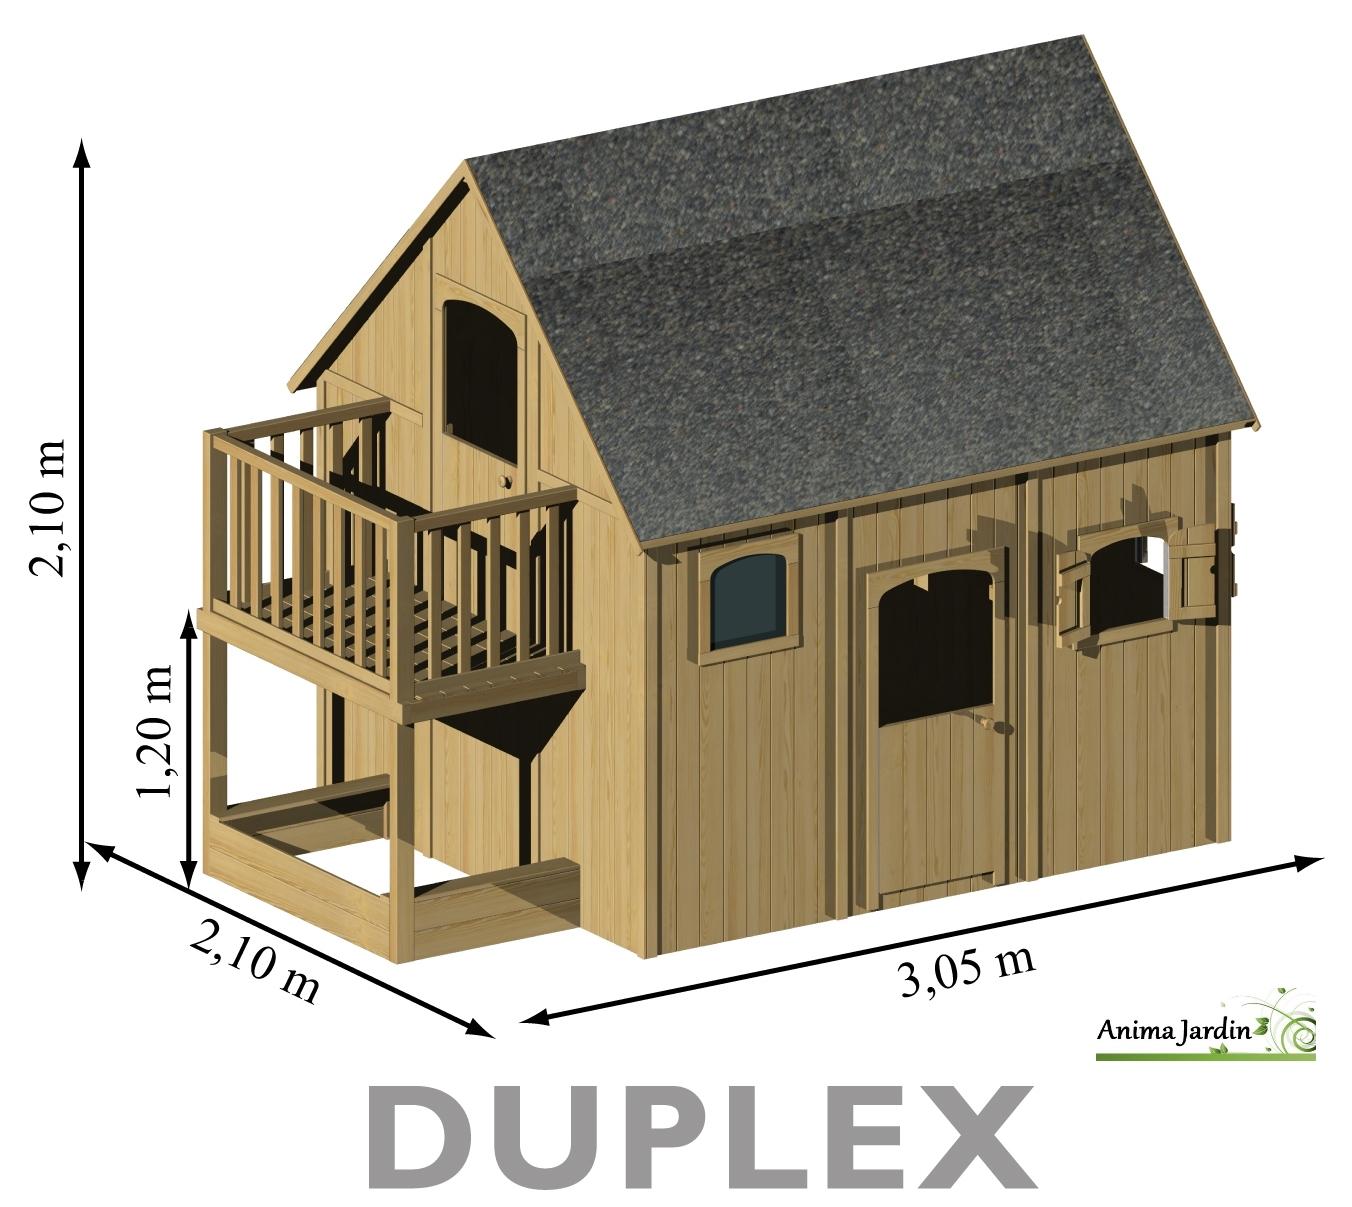 Maisonnette Enfant En Bois, Duplex, Mezzanine, Achat Pas ... dedans Maisonnette De Jardin Pas Cher